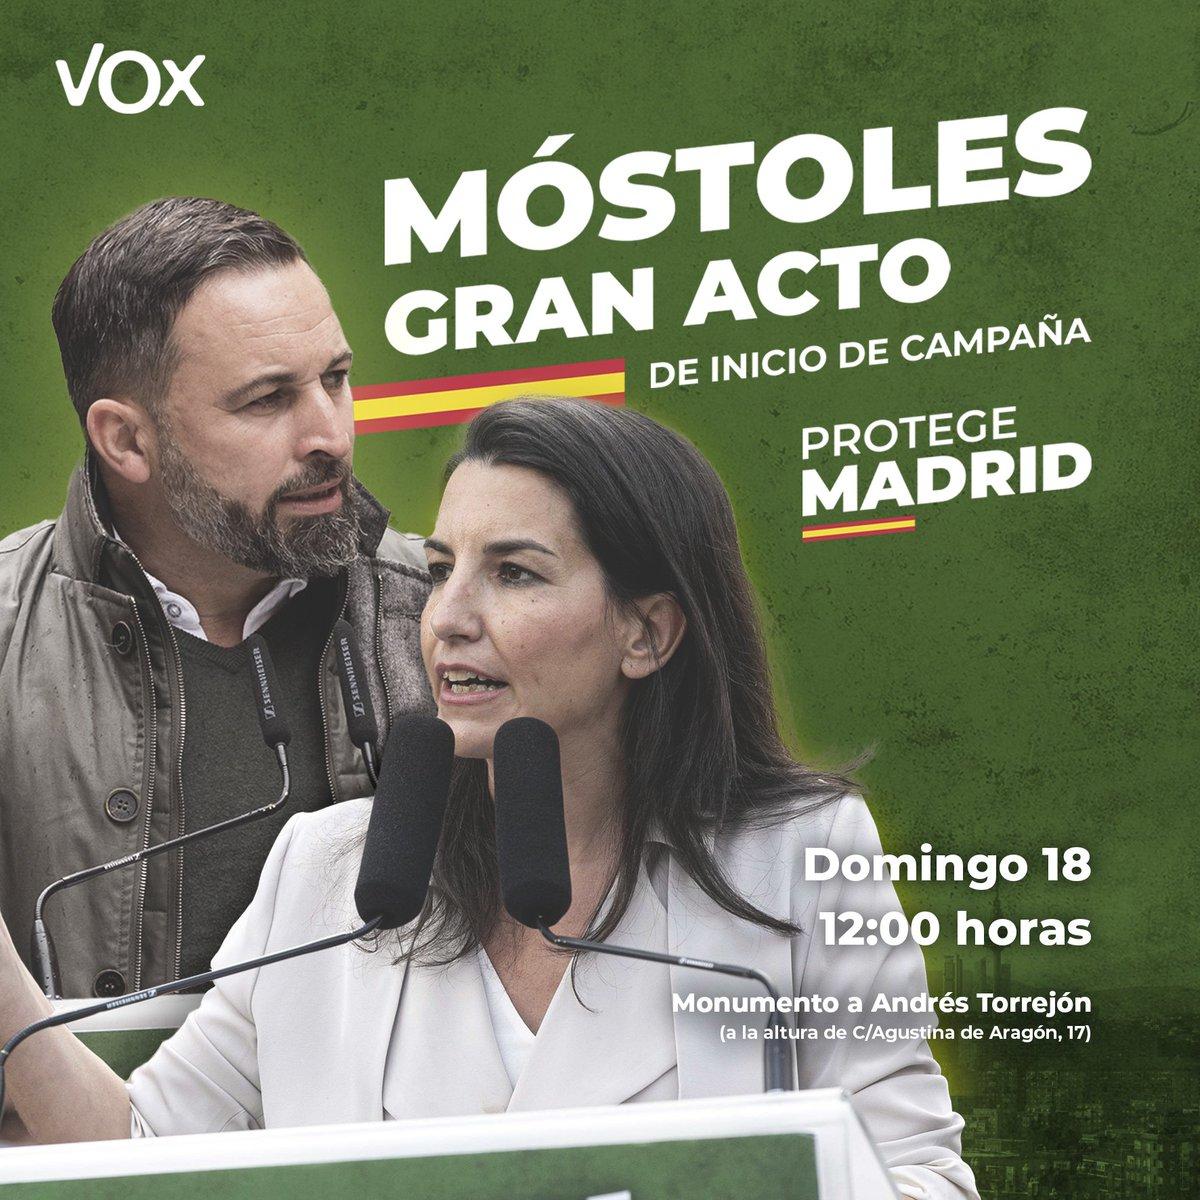 RT @vox_es: ¡Y este domingo nos vemos en Móstoles! https://t.co/xyh0hLUyxy